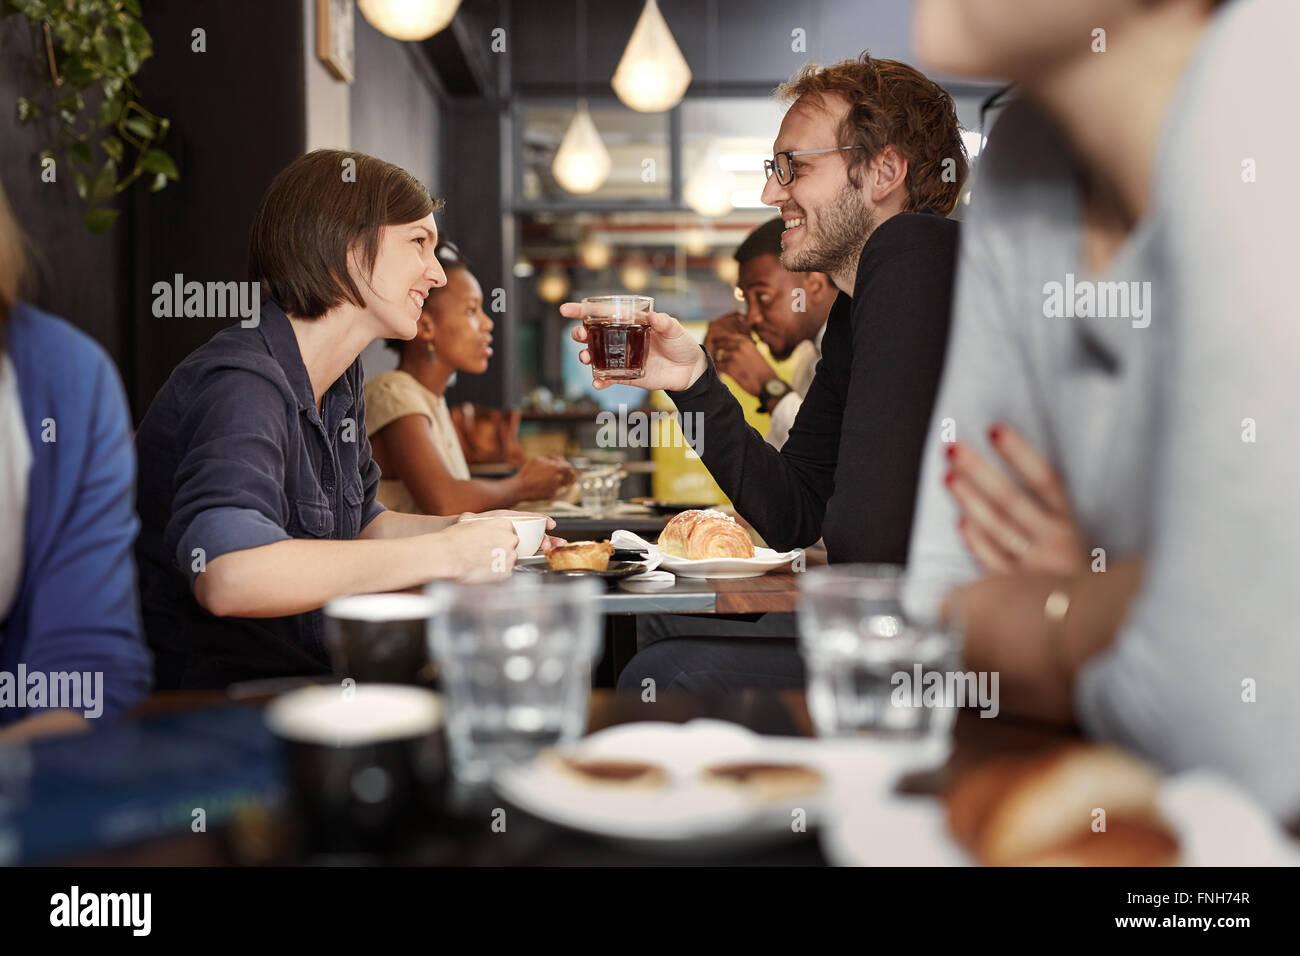 Concurrido café con una pareja joven sonriente en cada otros Imagen De Stock